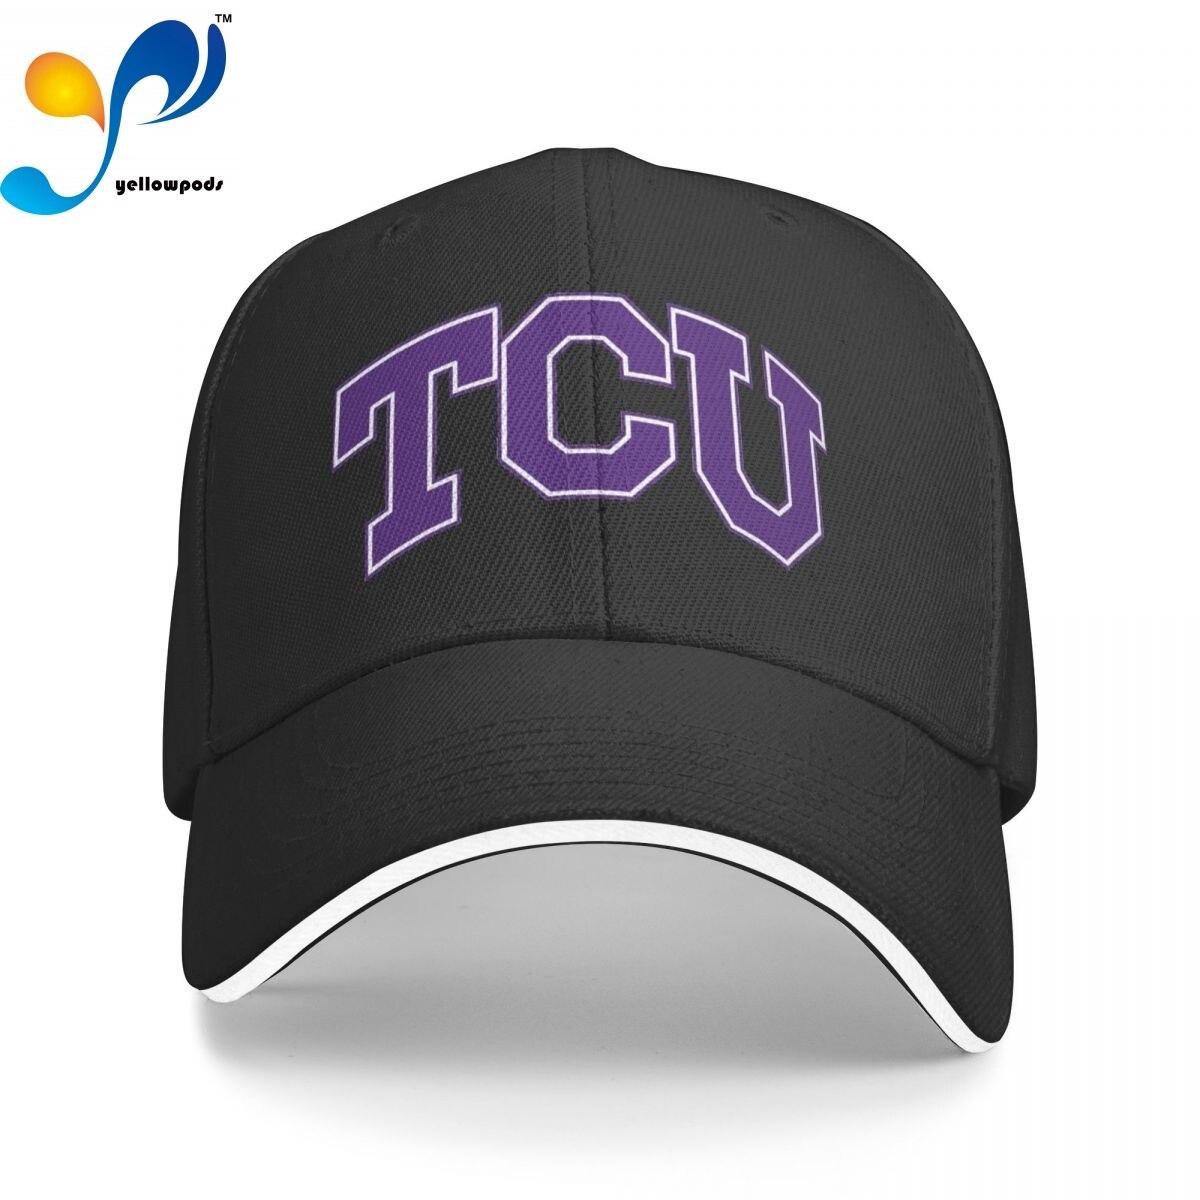 Мужская Новая бейсболка TCU, модная мужская и женская бейсболка для университета